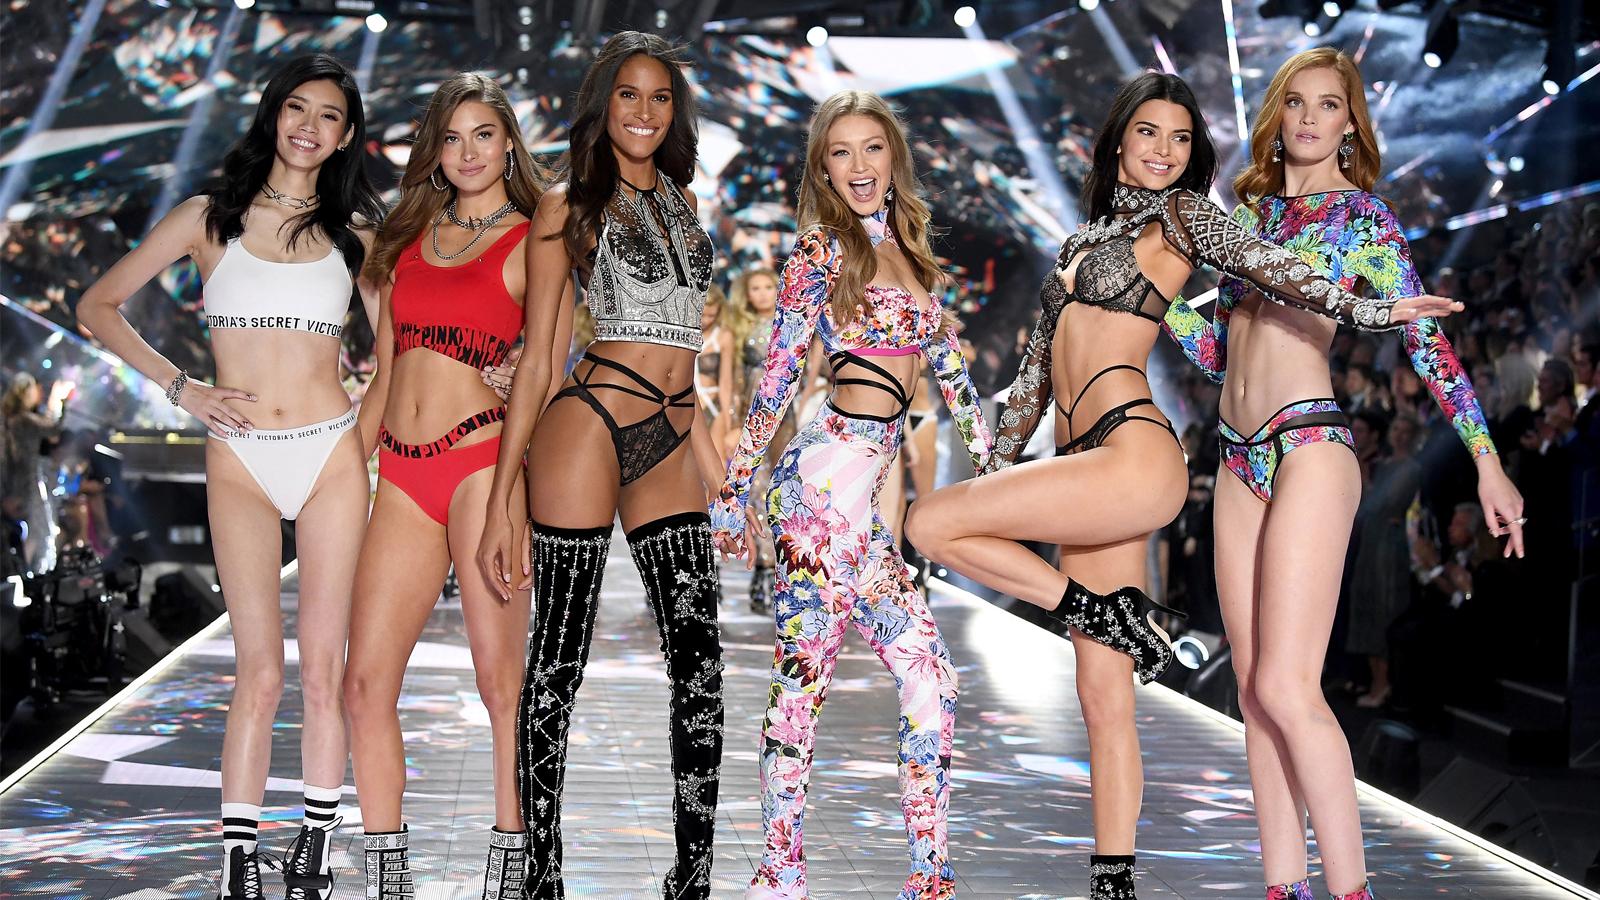 Nước mắt thiên thần nội y: Victoria's Secret bại vì giám đốc quấy rối người mẫu - 1